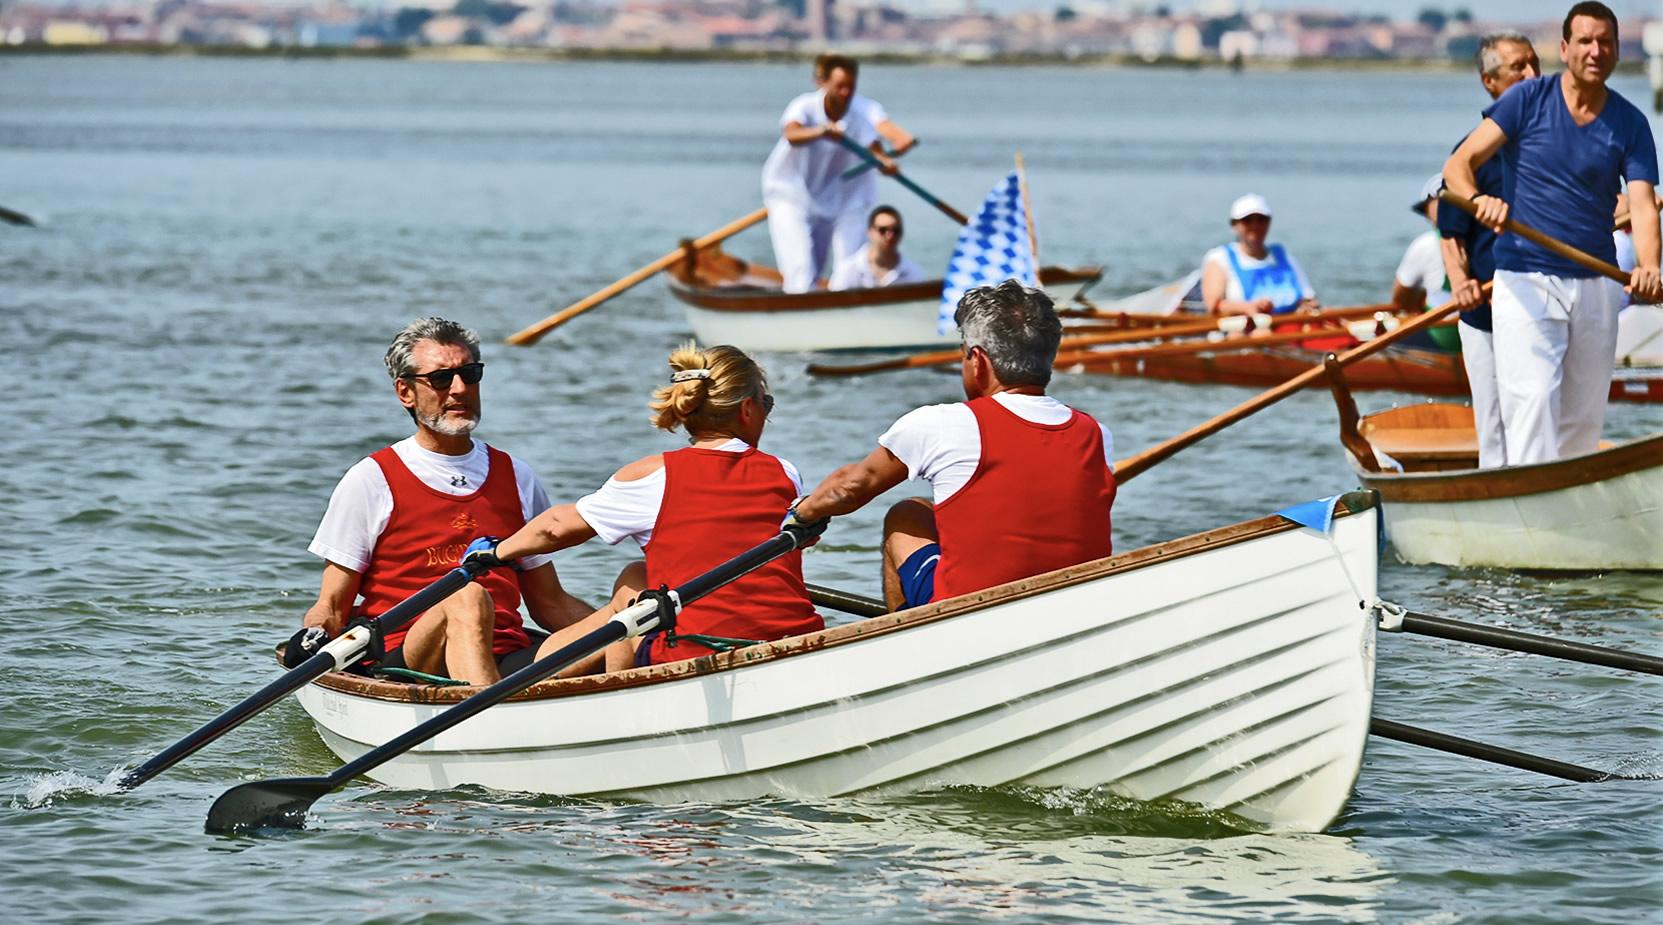 Vogalonga-Italy-Whitehall-Spirit-17-Double-Rowboat-1663